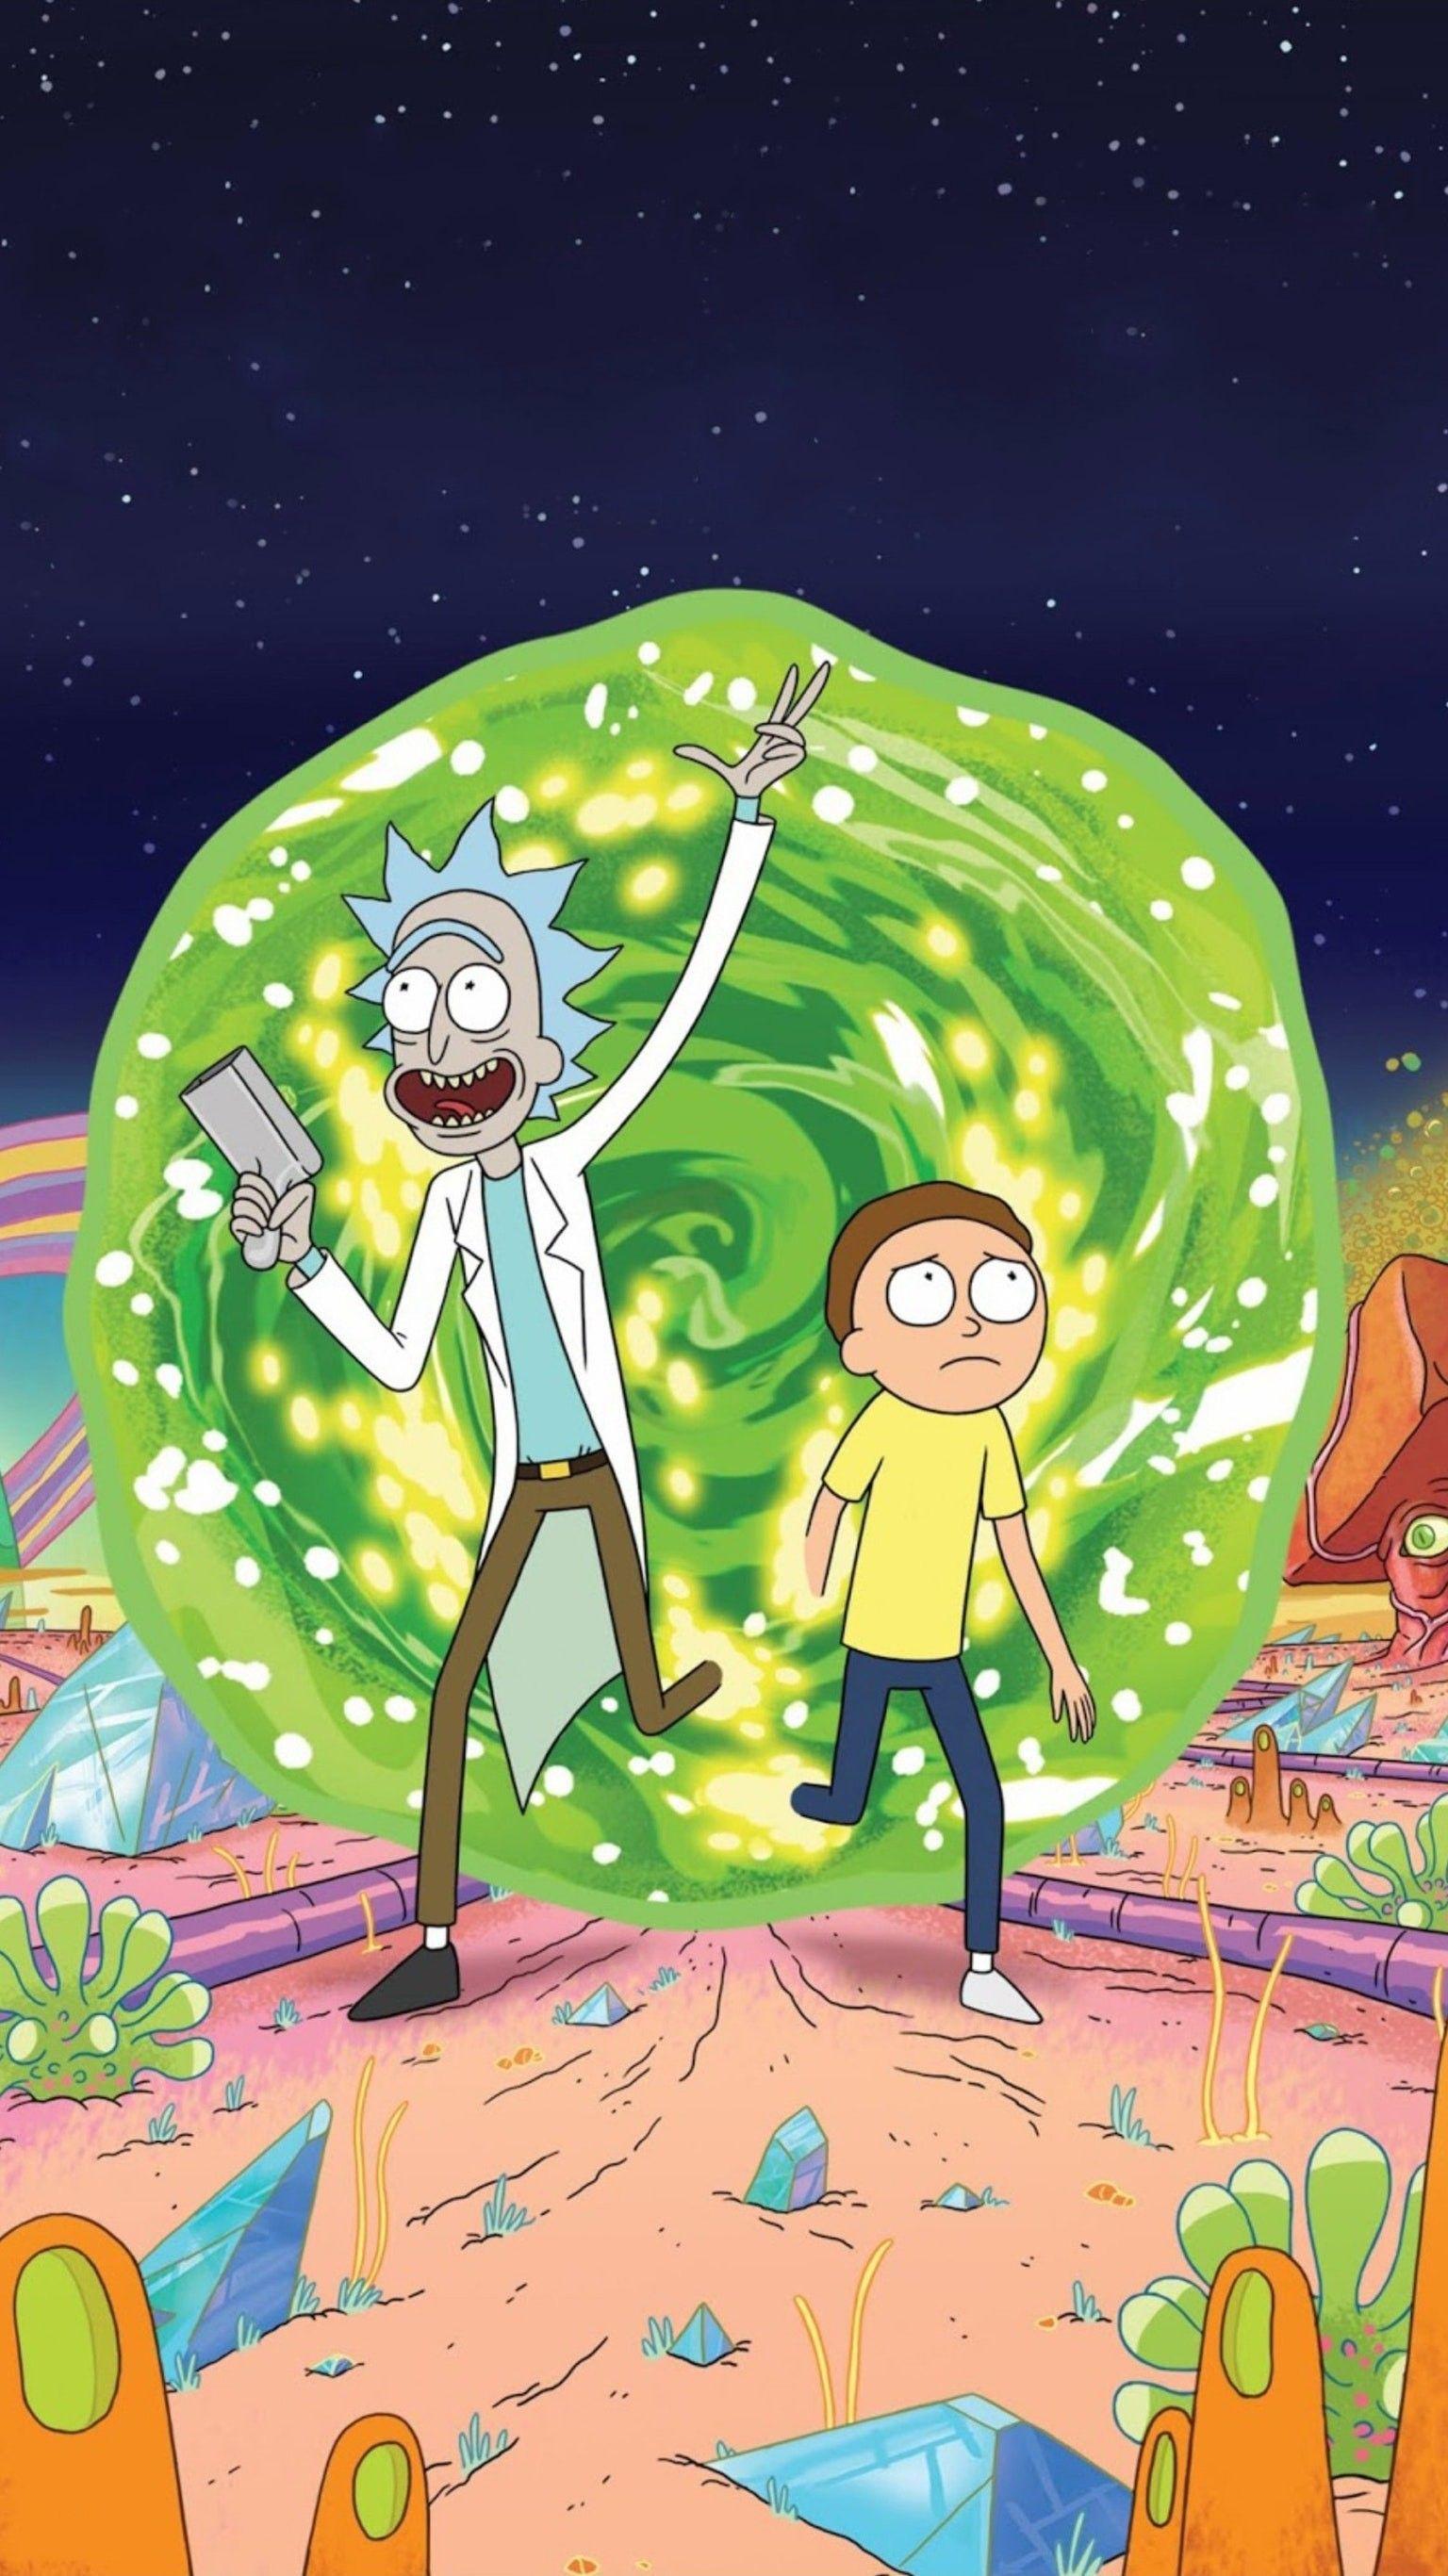 Supreme Rick And Morty Wallpapers - Top Free Supreme Rick ...